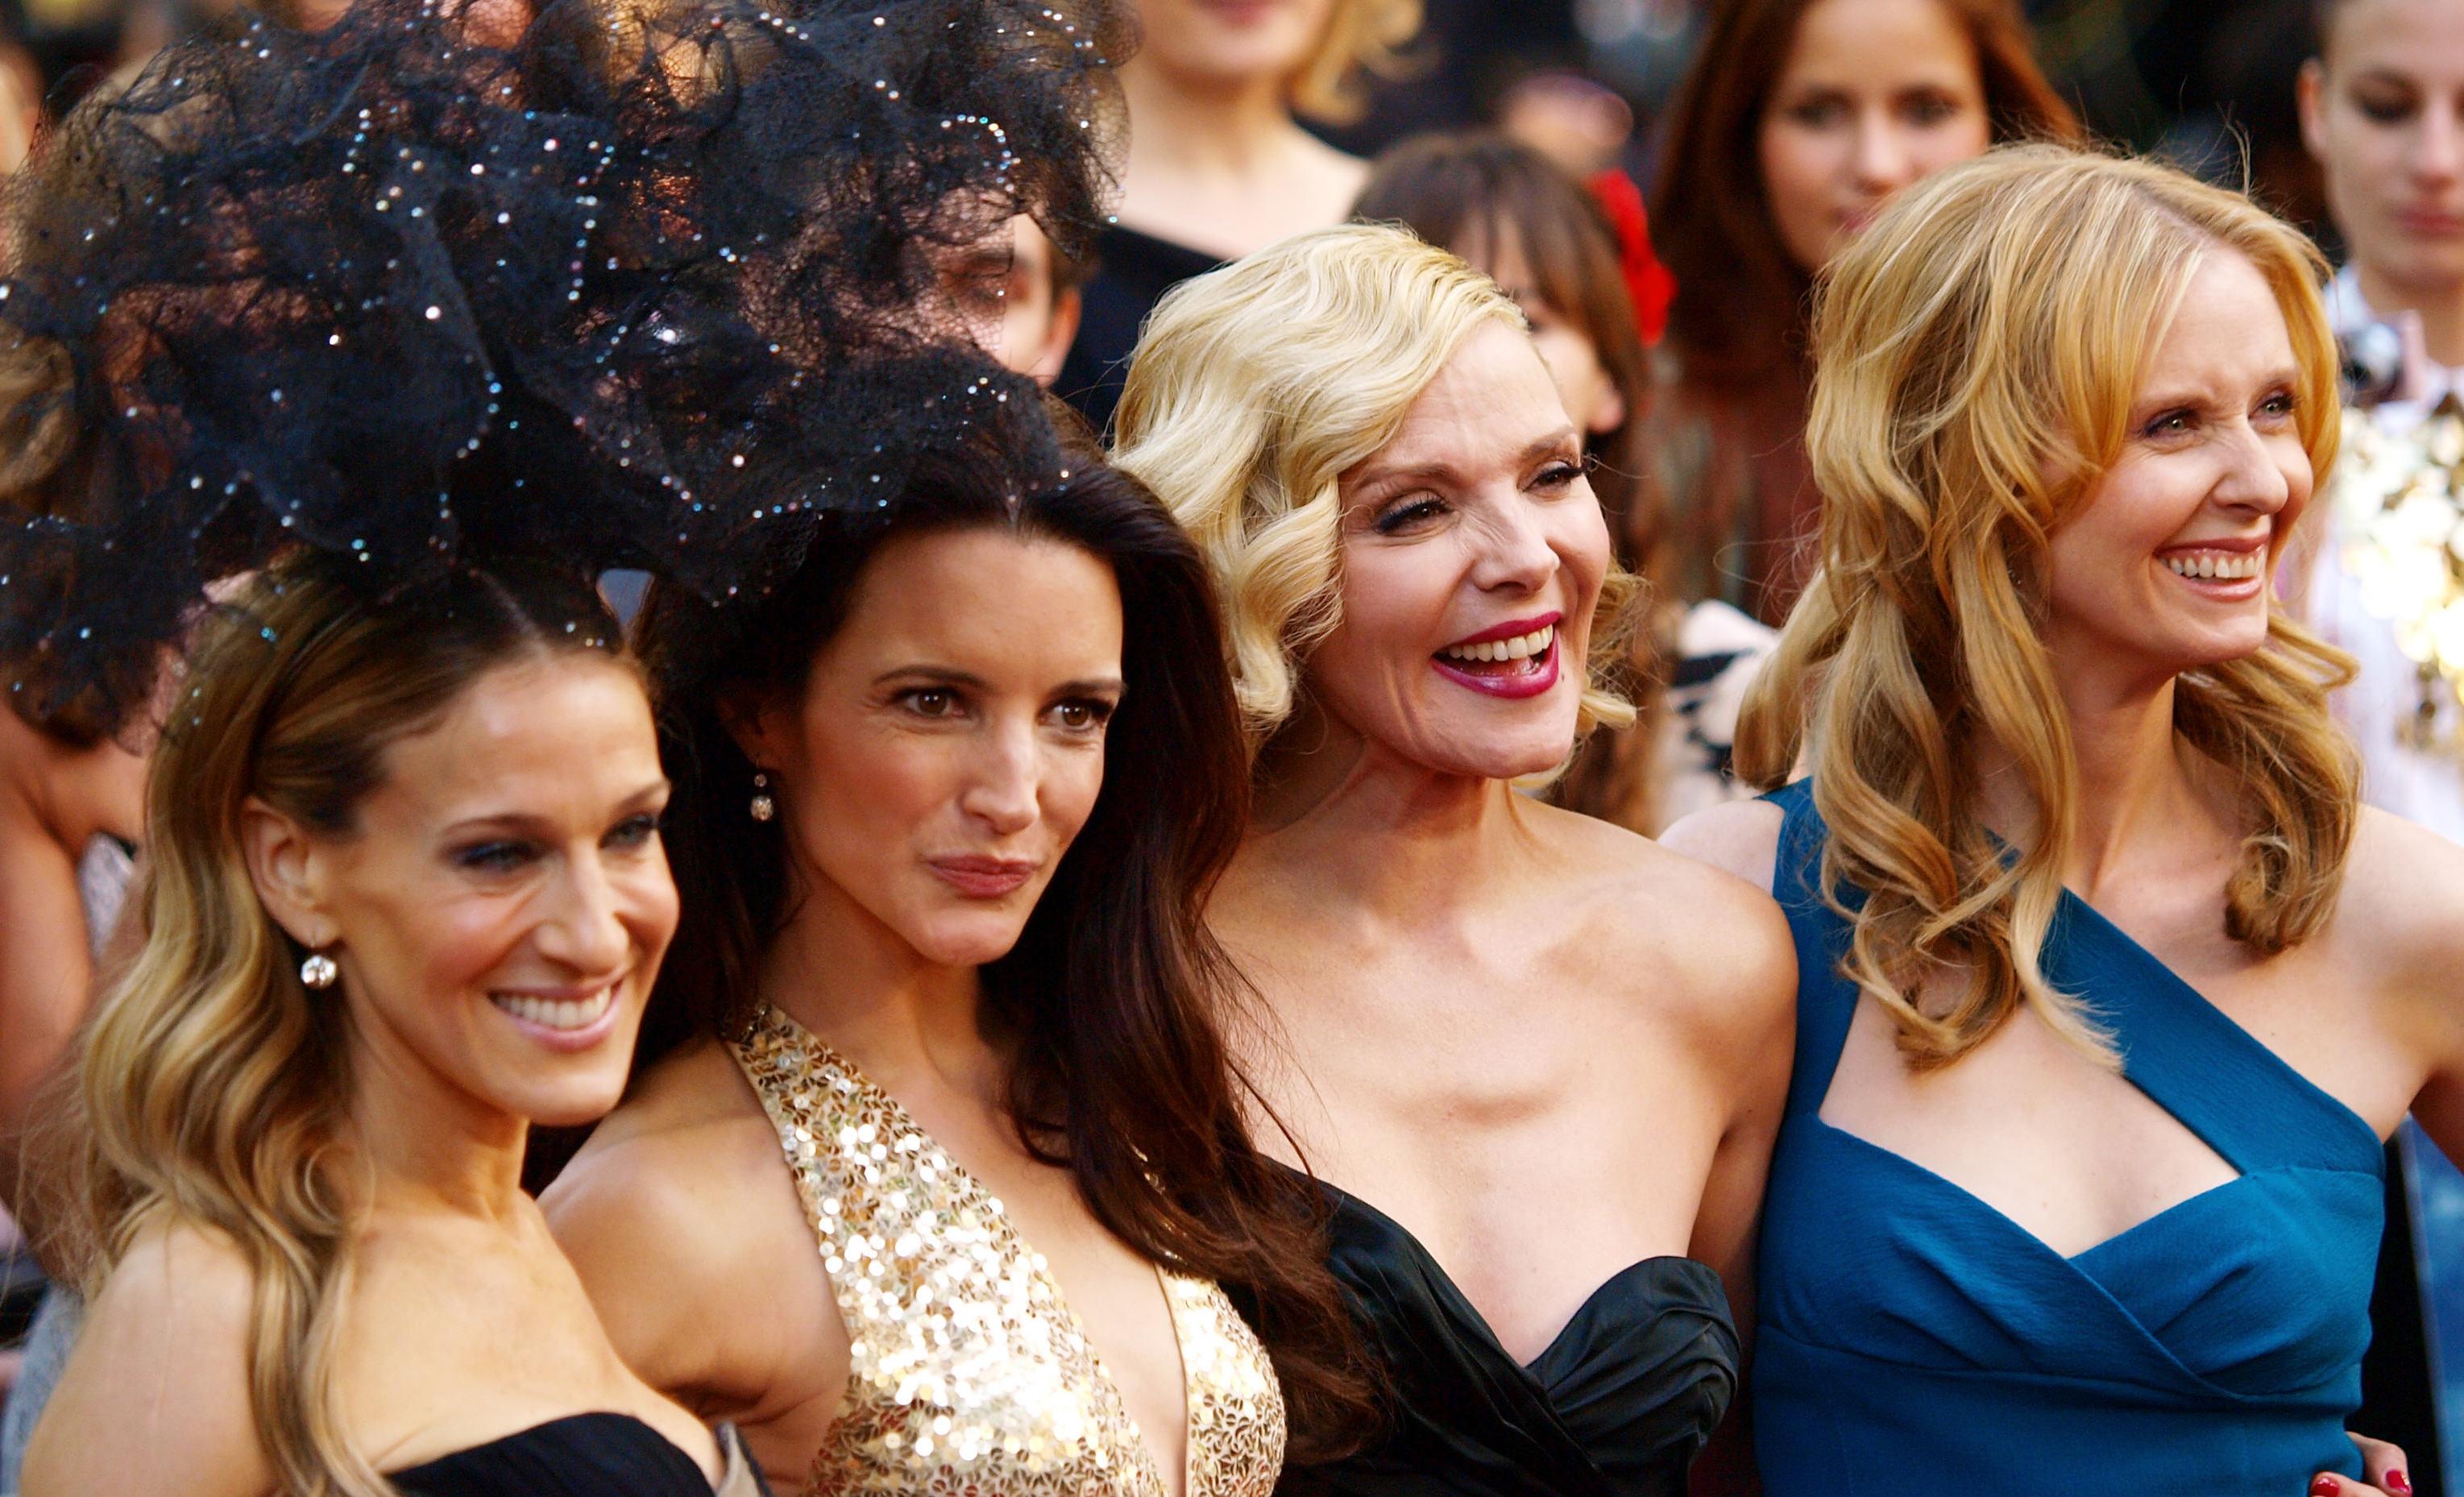 """Die """"Sex And The City""""-Stars blieben stets beste Freundinnen im Bewusstsein der TV-Fans. Alles nur Schein?"""